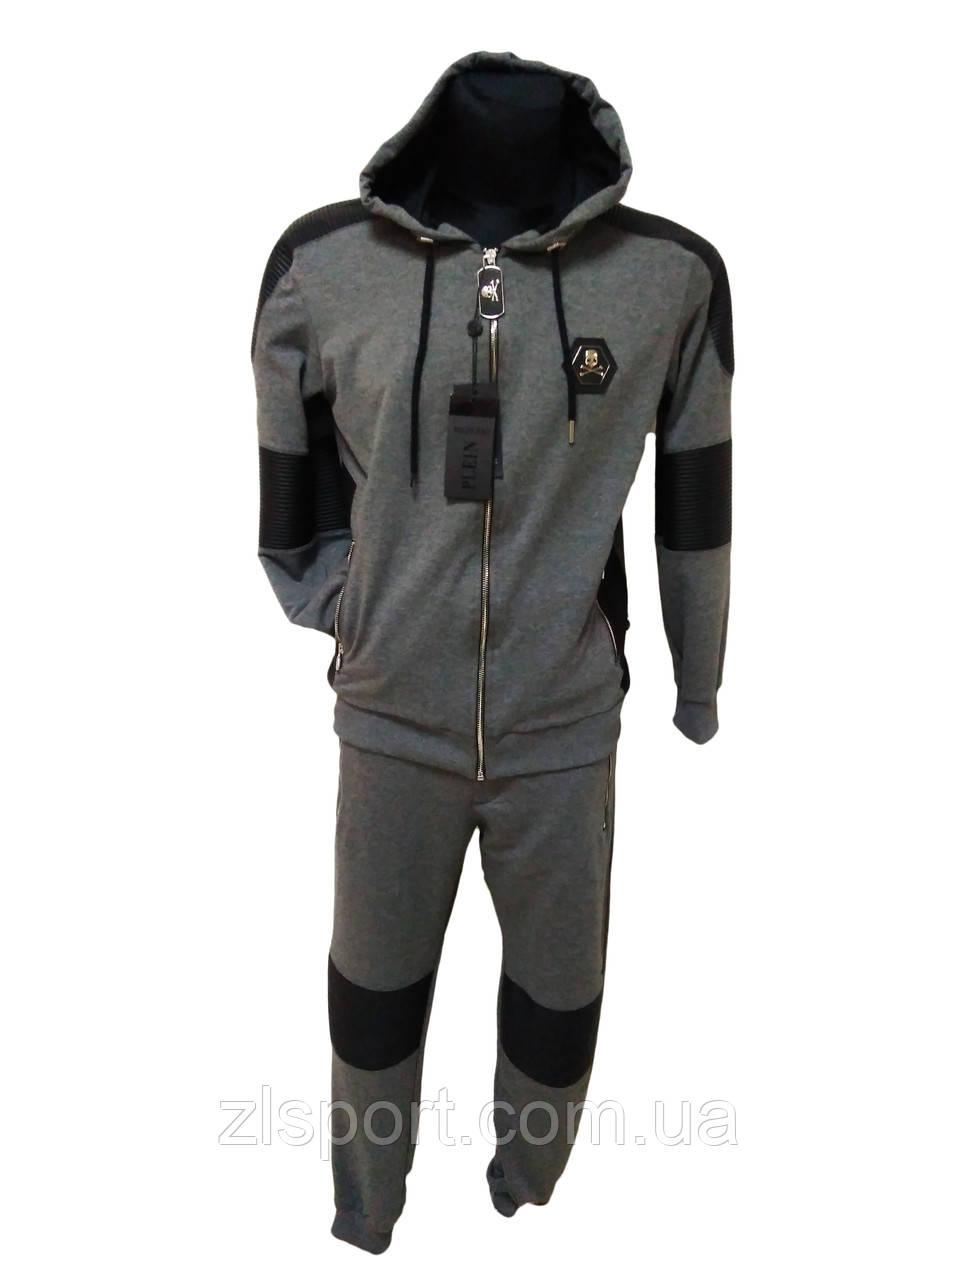 8b1ff17e5a48 Мужской спортивный костюм Philipp Plein (Турция)